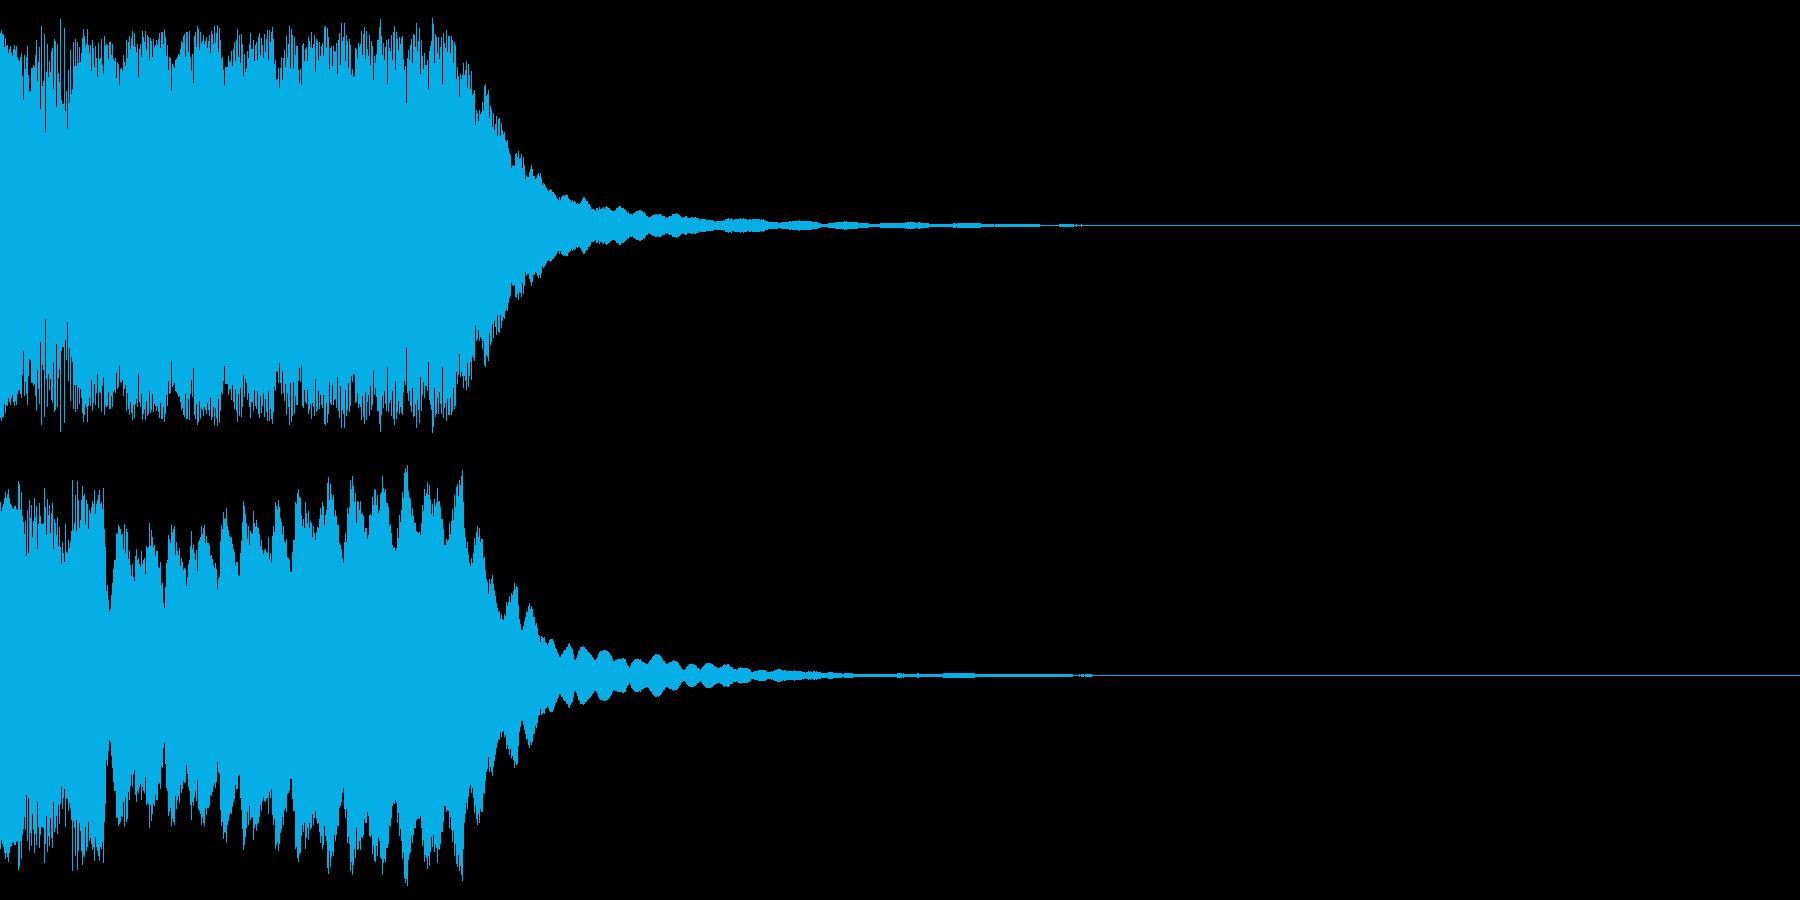 キュピーン!(システム音)の再生済みの波形